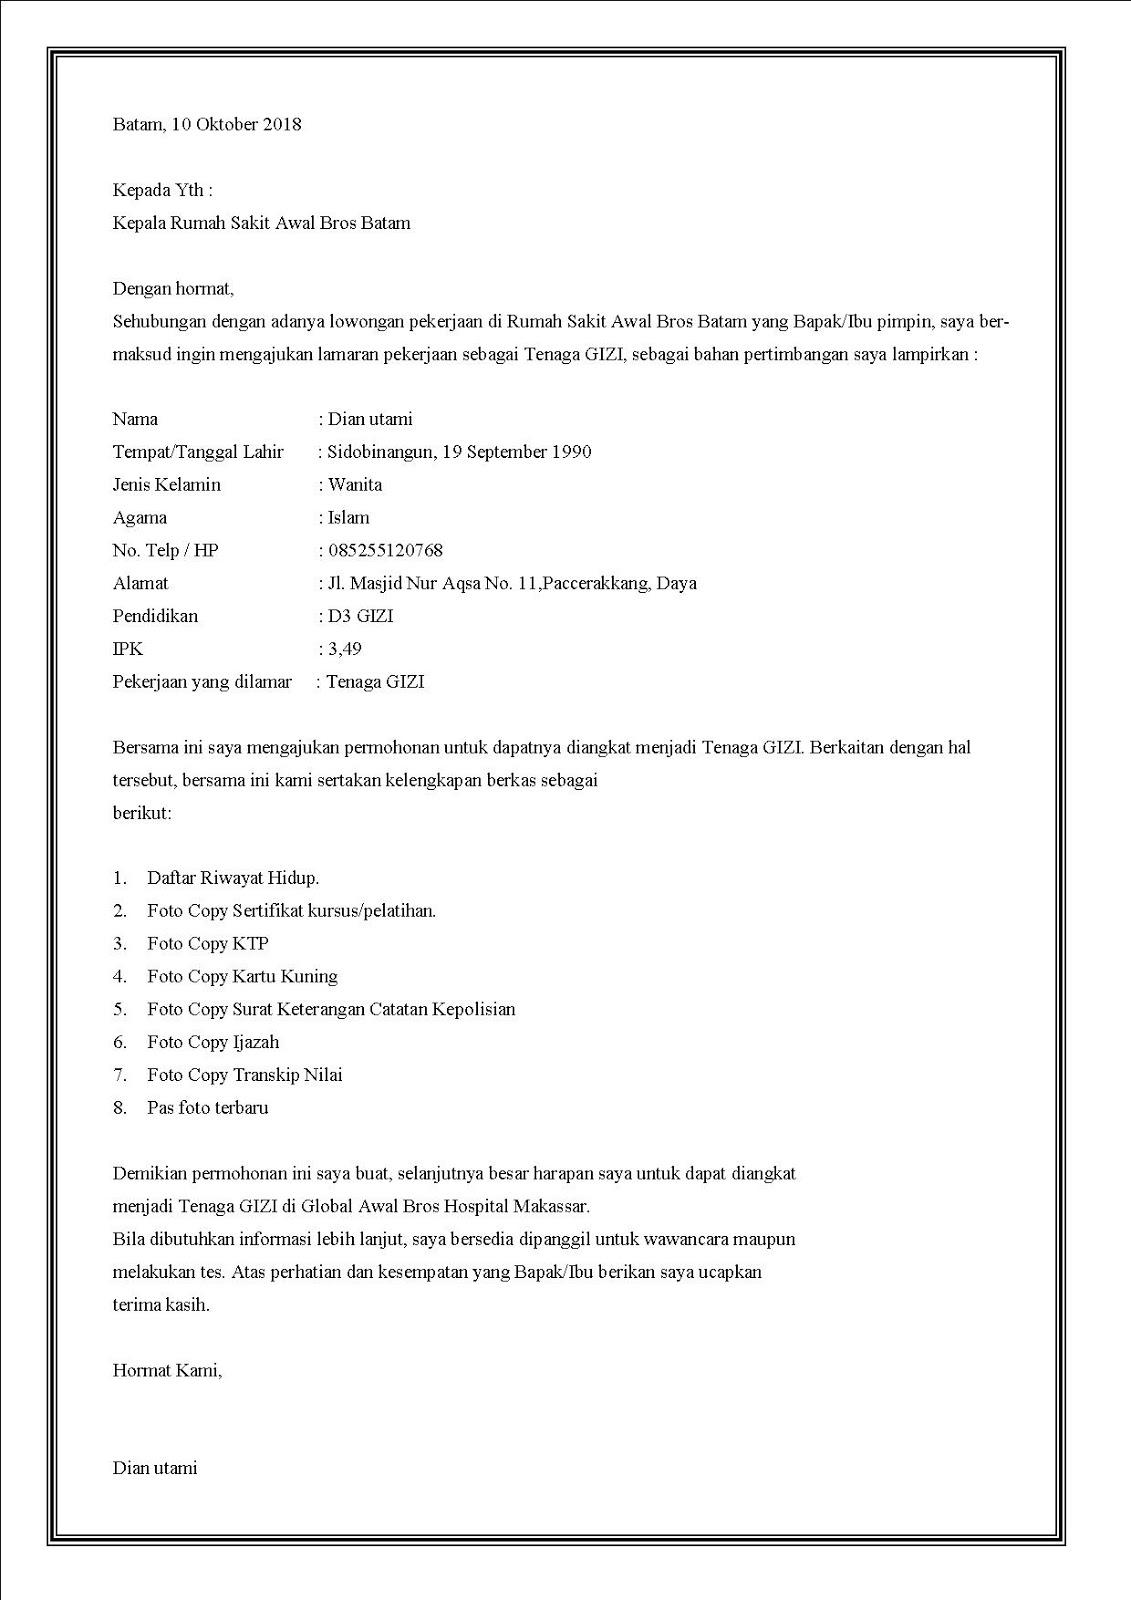 Contoh surat lamaran kerja di rumah sakit Awal Bros